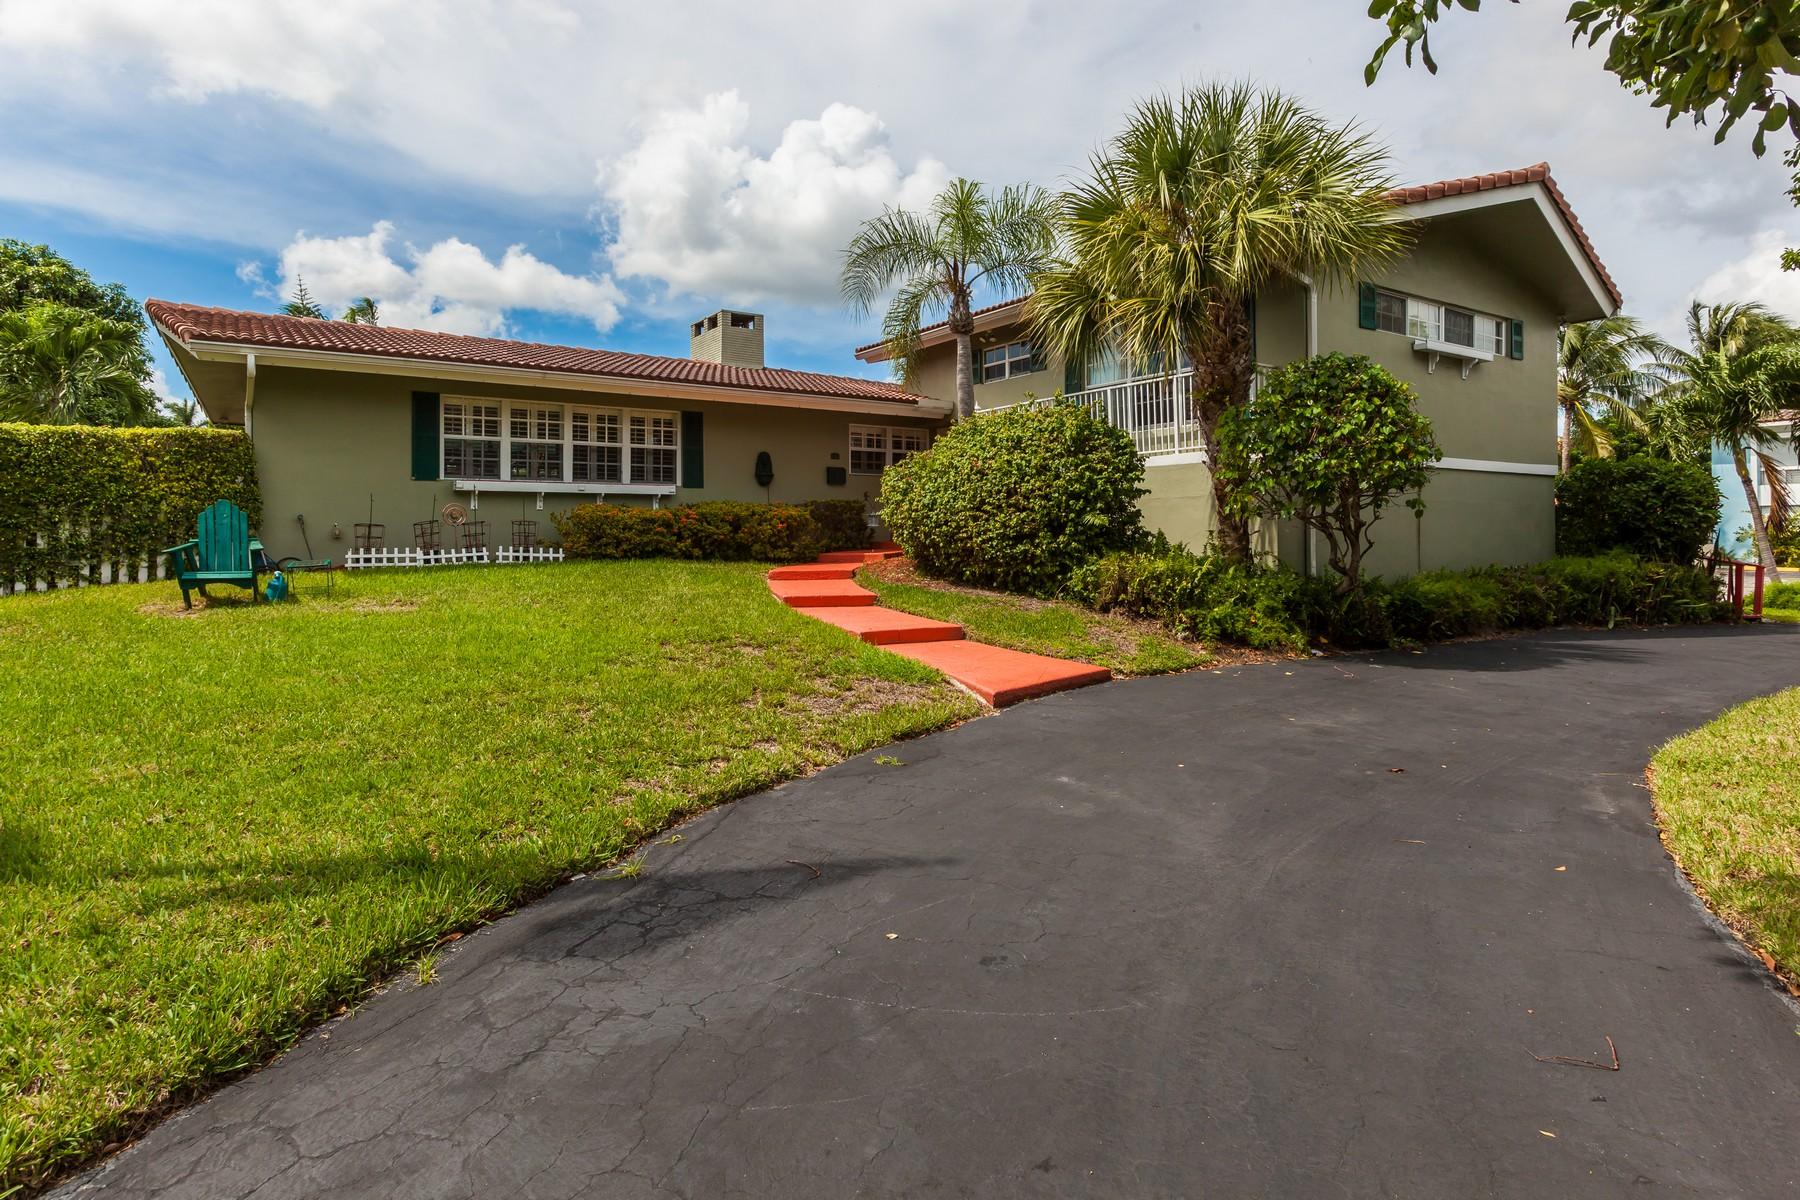 Maison unifamiliale pour l Vente à Pompano Beach Estates 145 SE 28 Ave Pompano Beach, Florida 33062 États-Unis